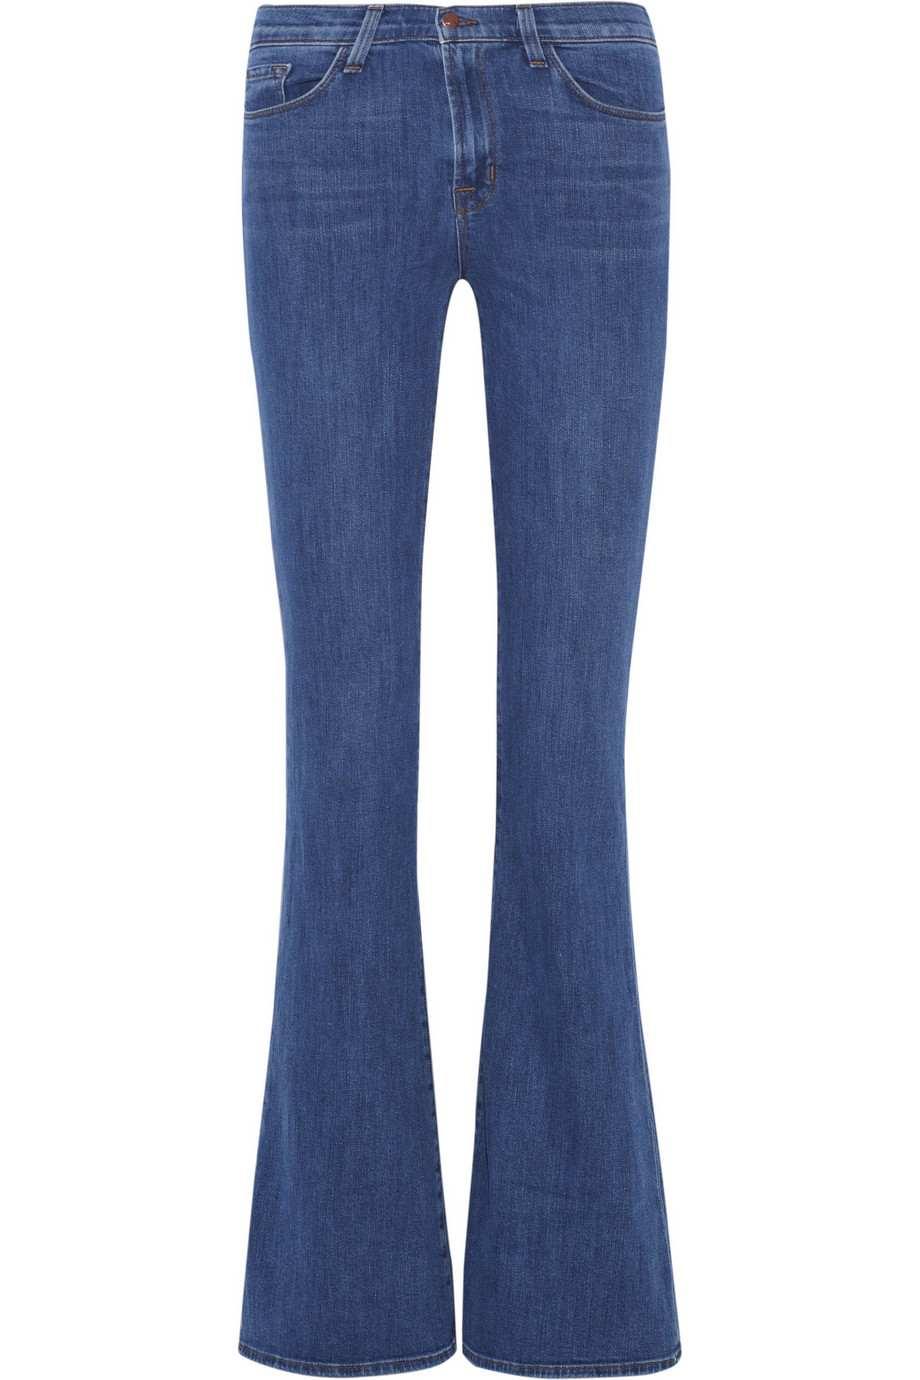 J Brand - Jean(305 €)